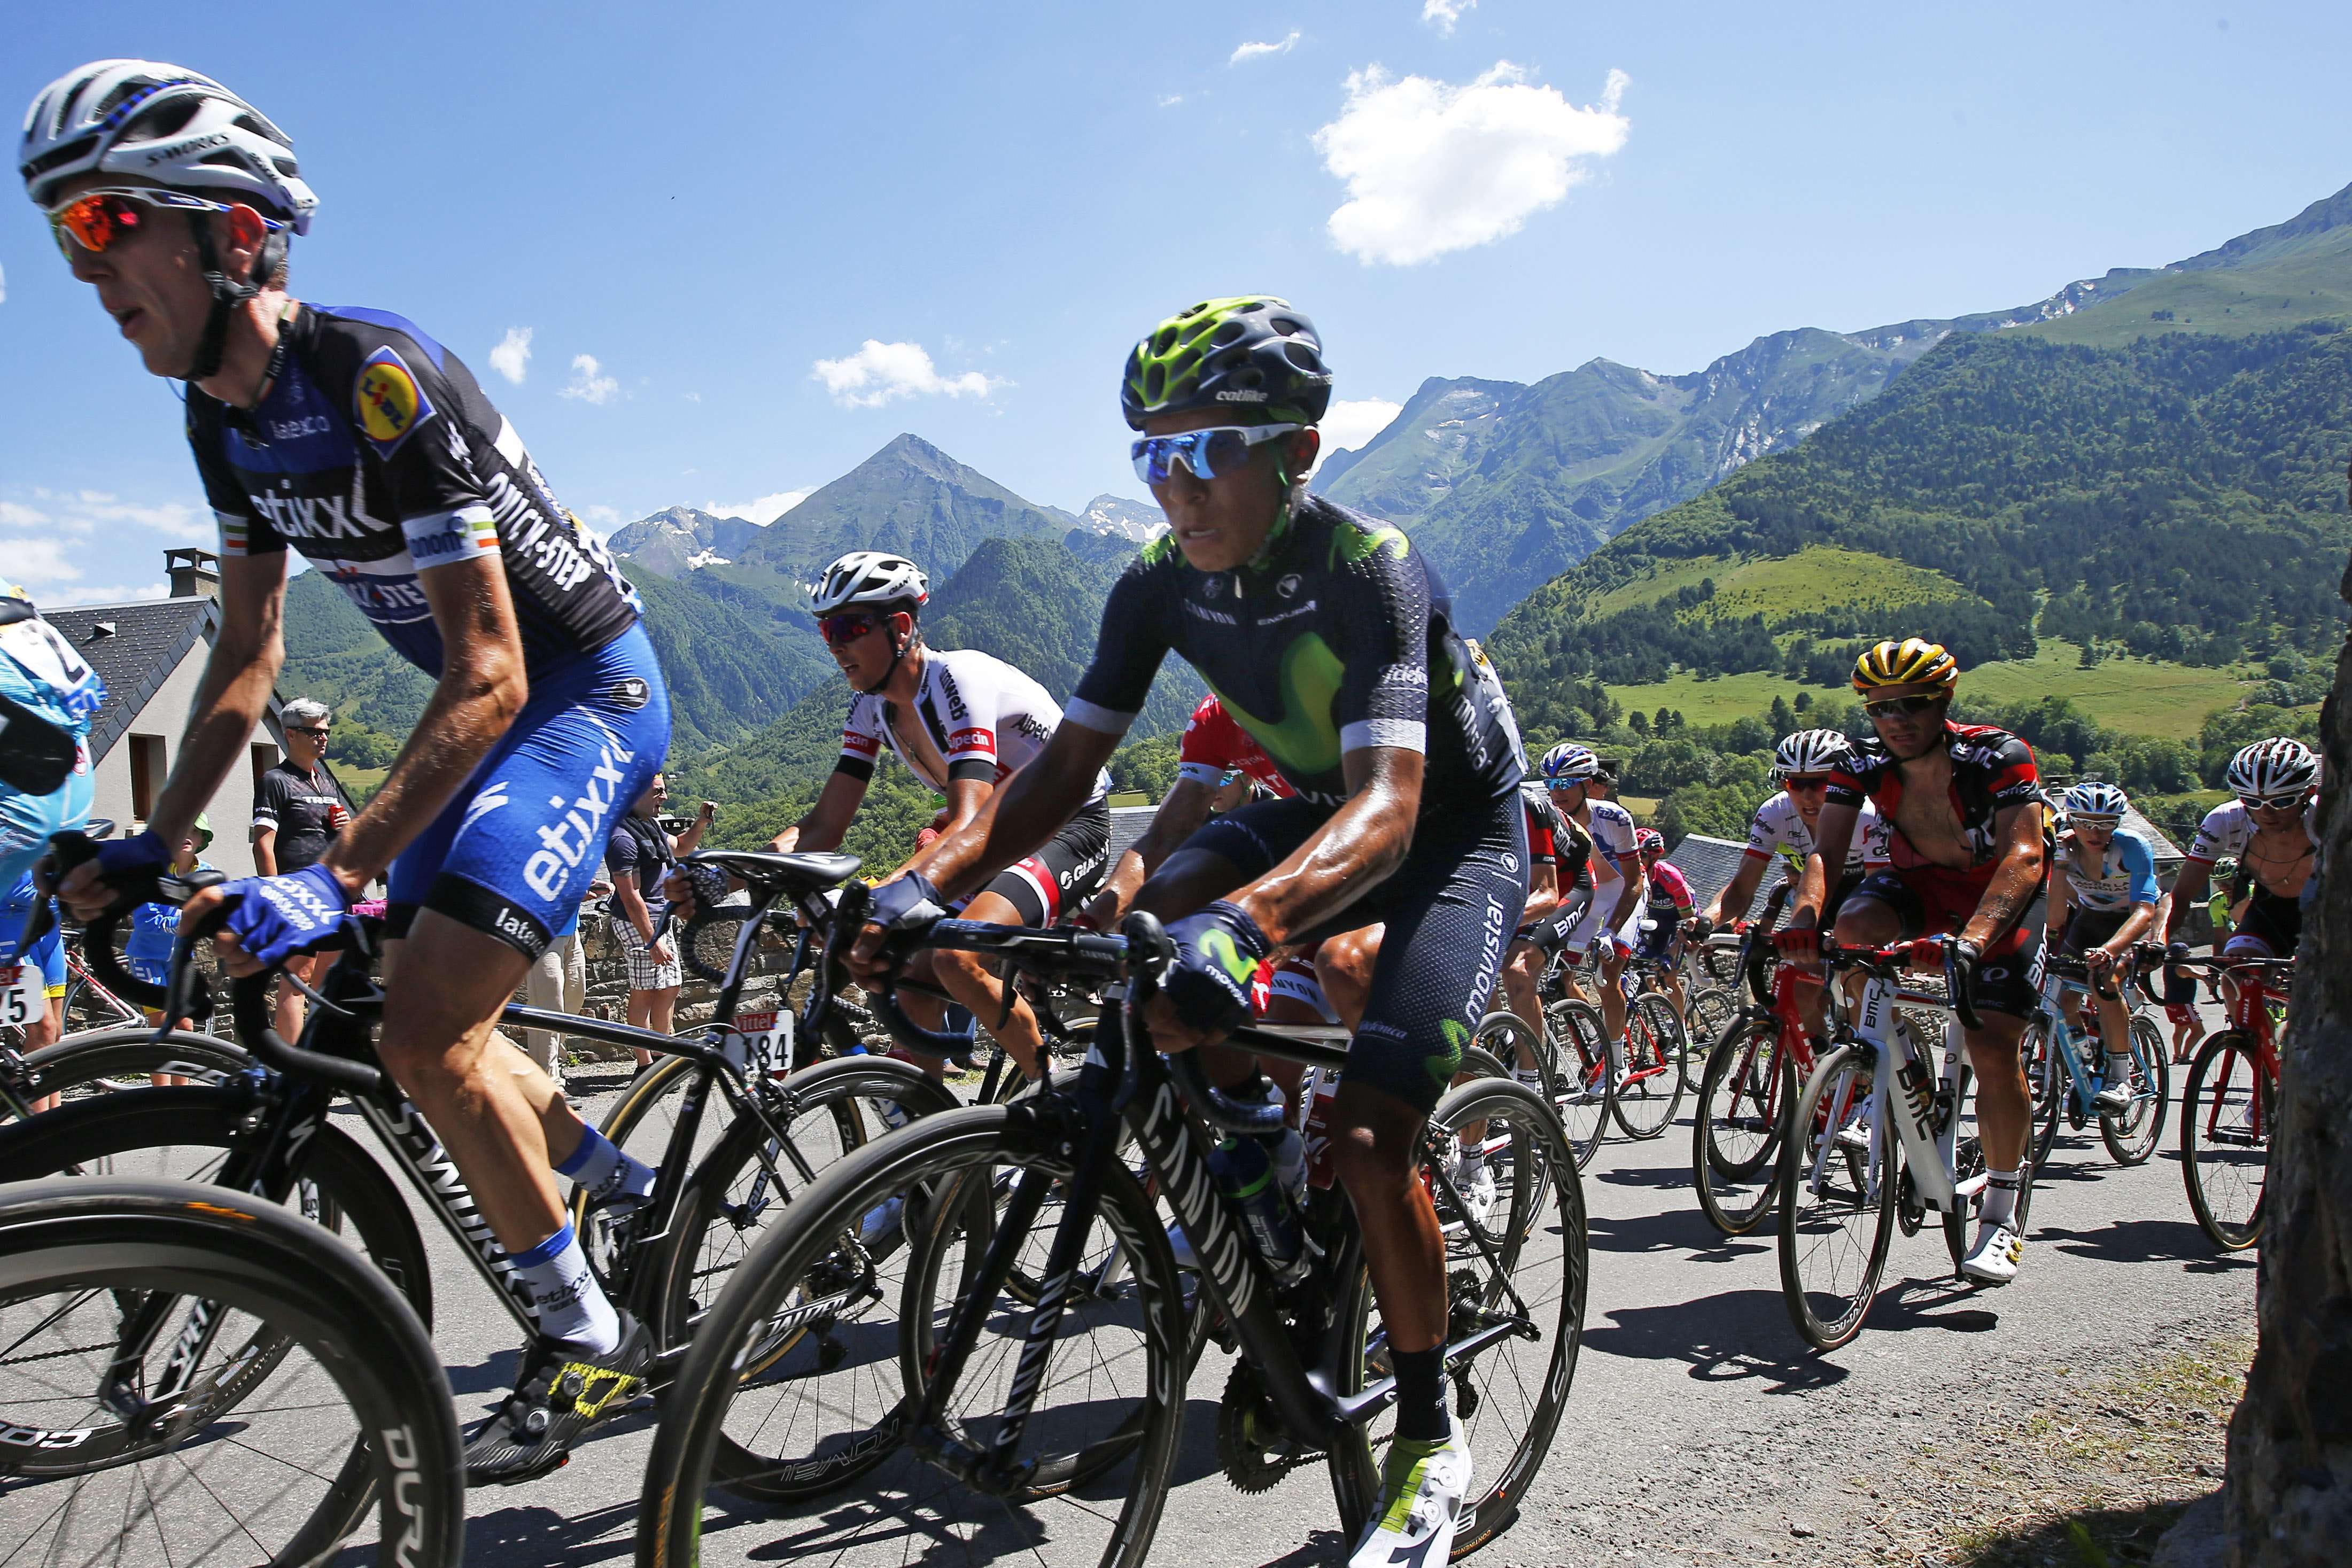 PARCOURS TOUR DE FRANCE 2017 - Le tracé du prochain Tour de France ...